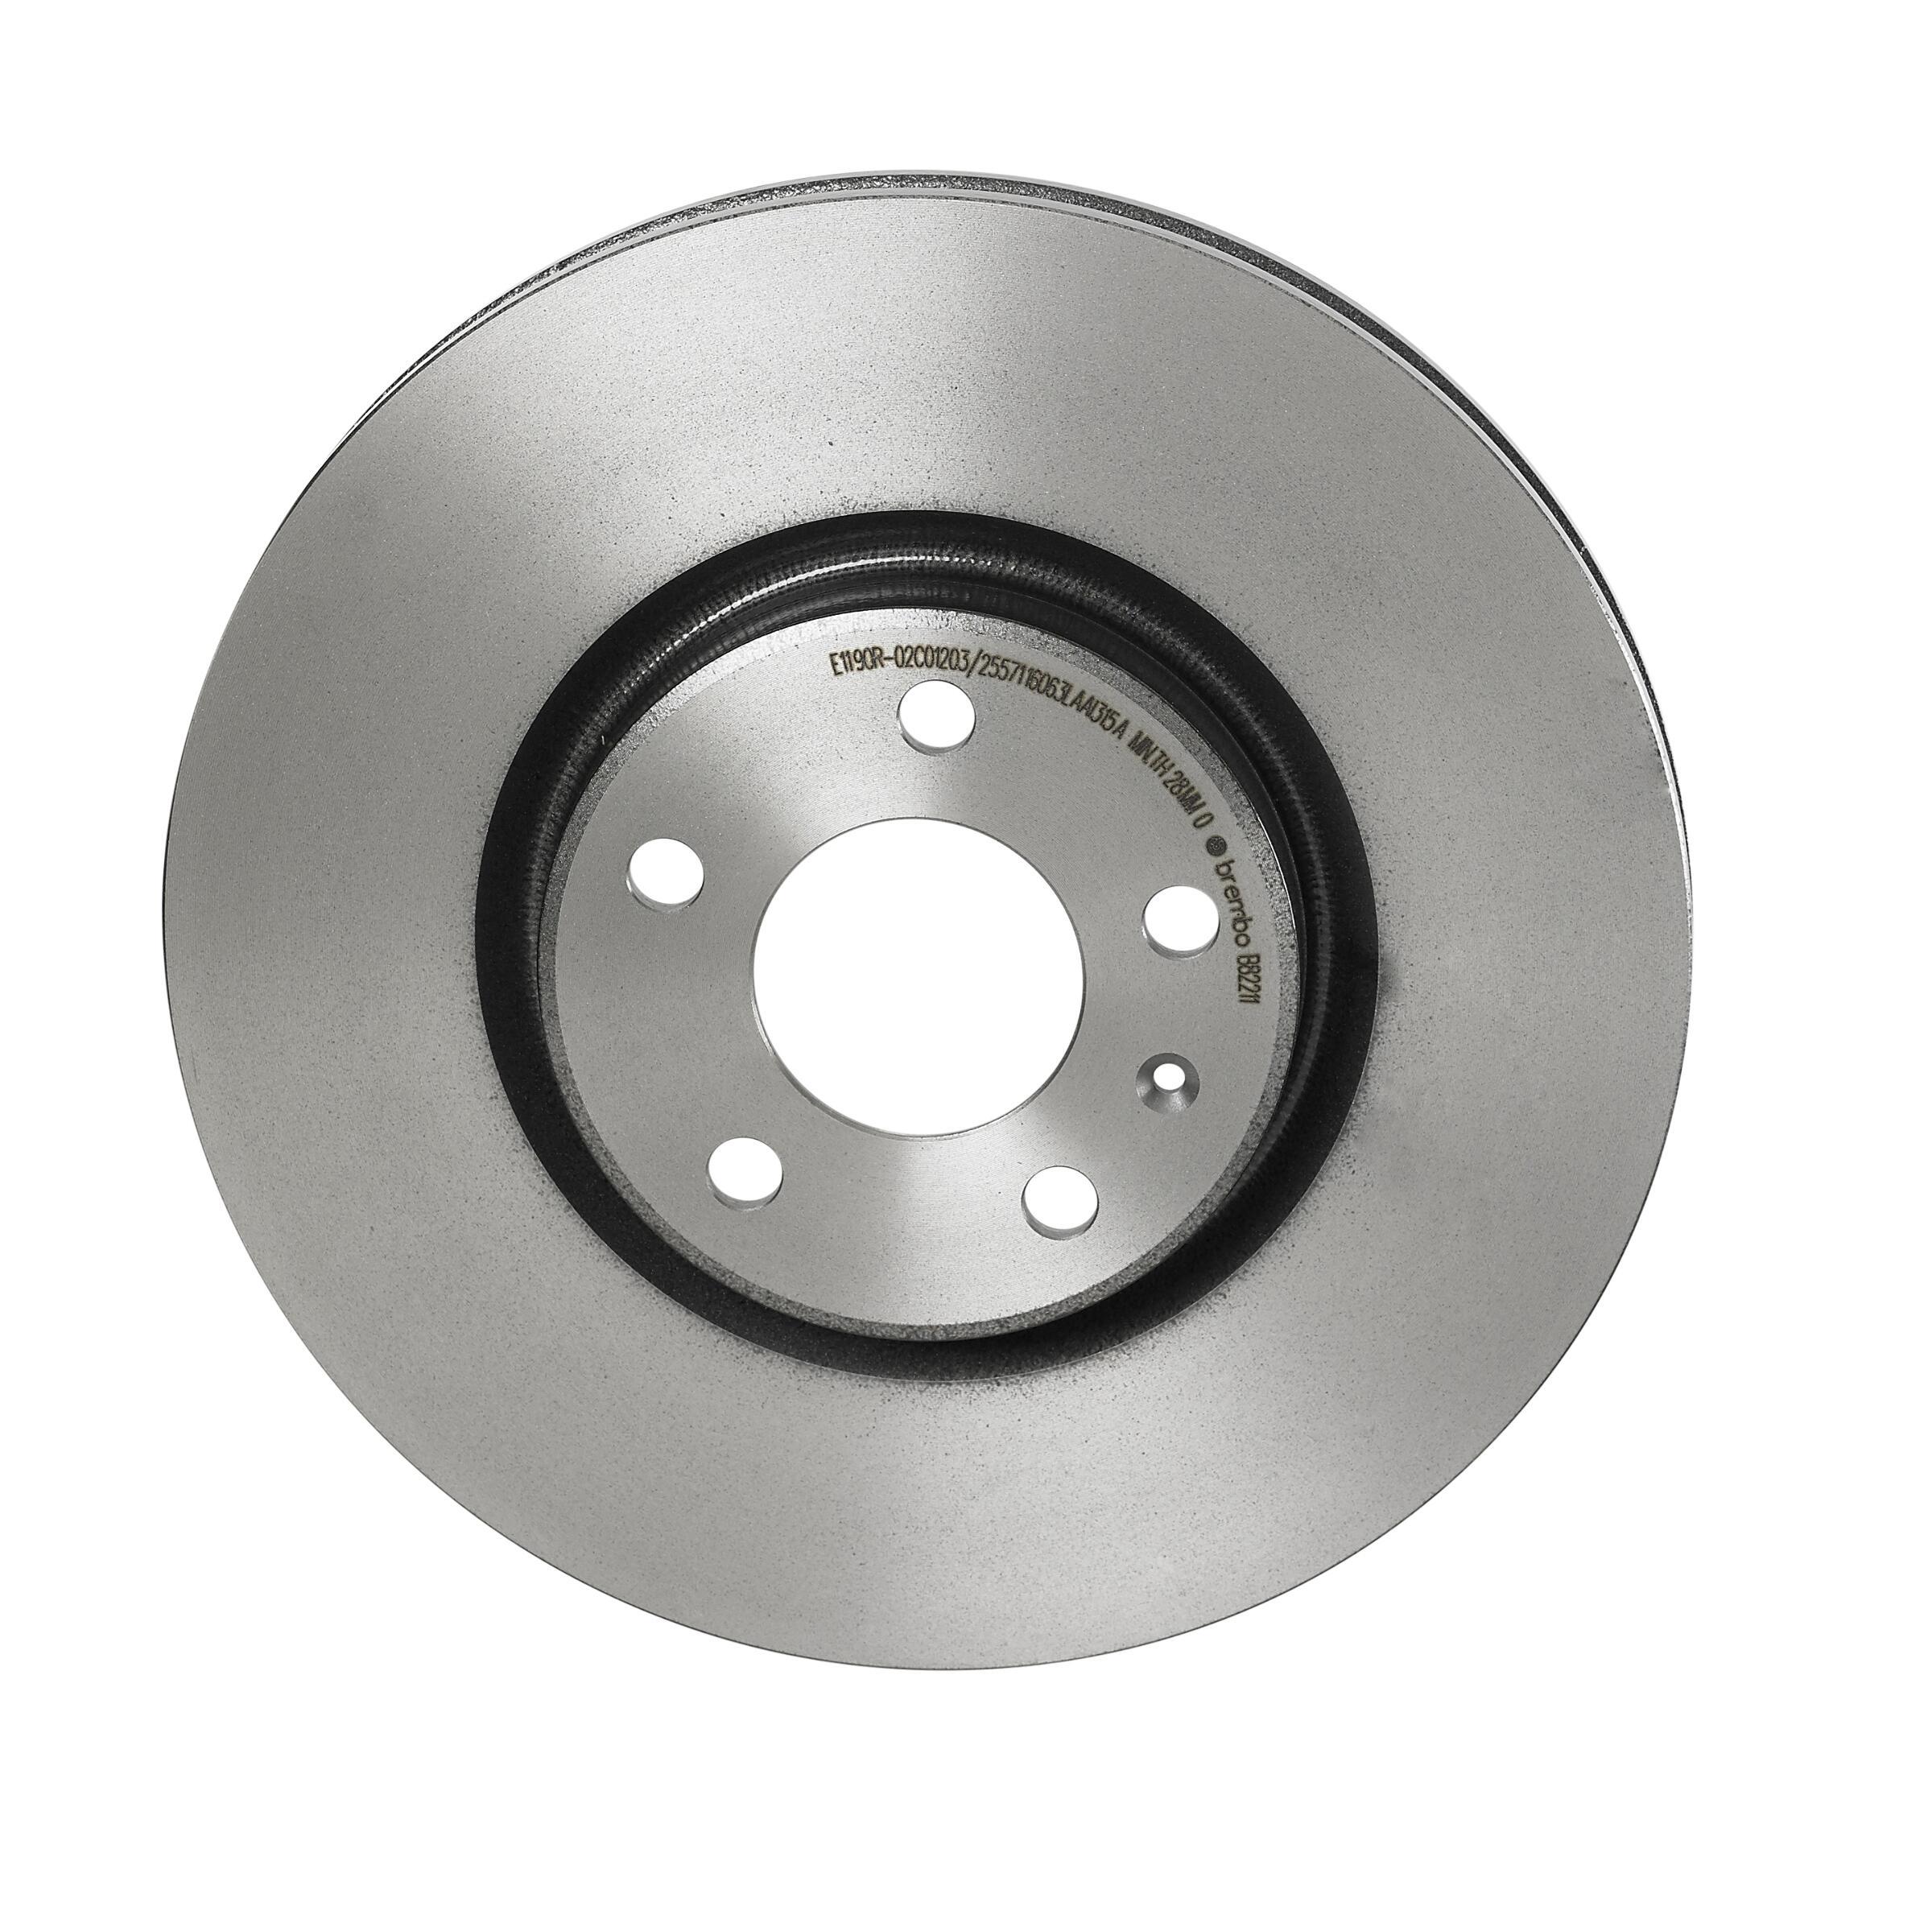 Brembo 09.5584.11 UV Coated Front Disc Brake Rotor